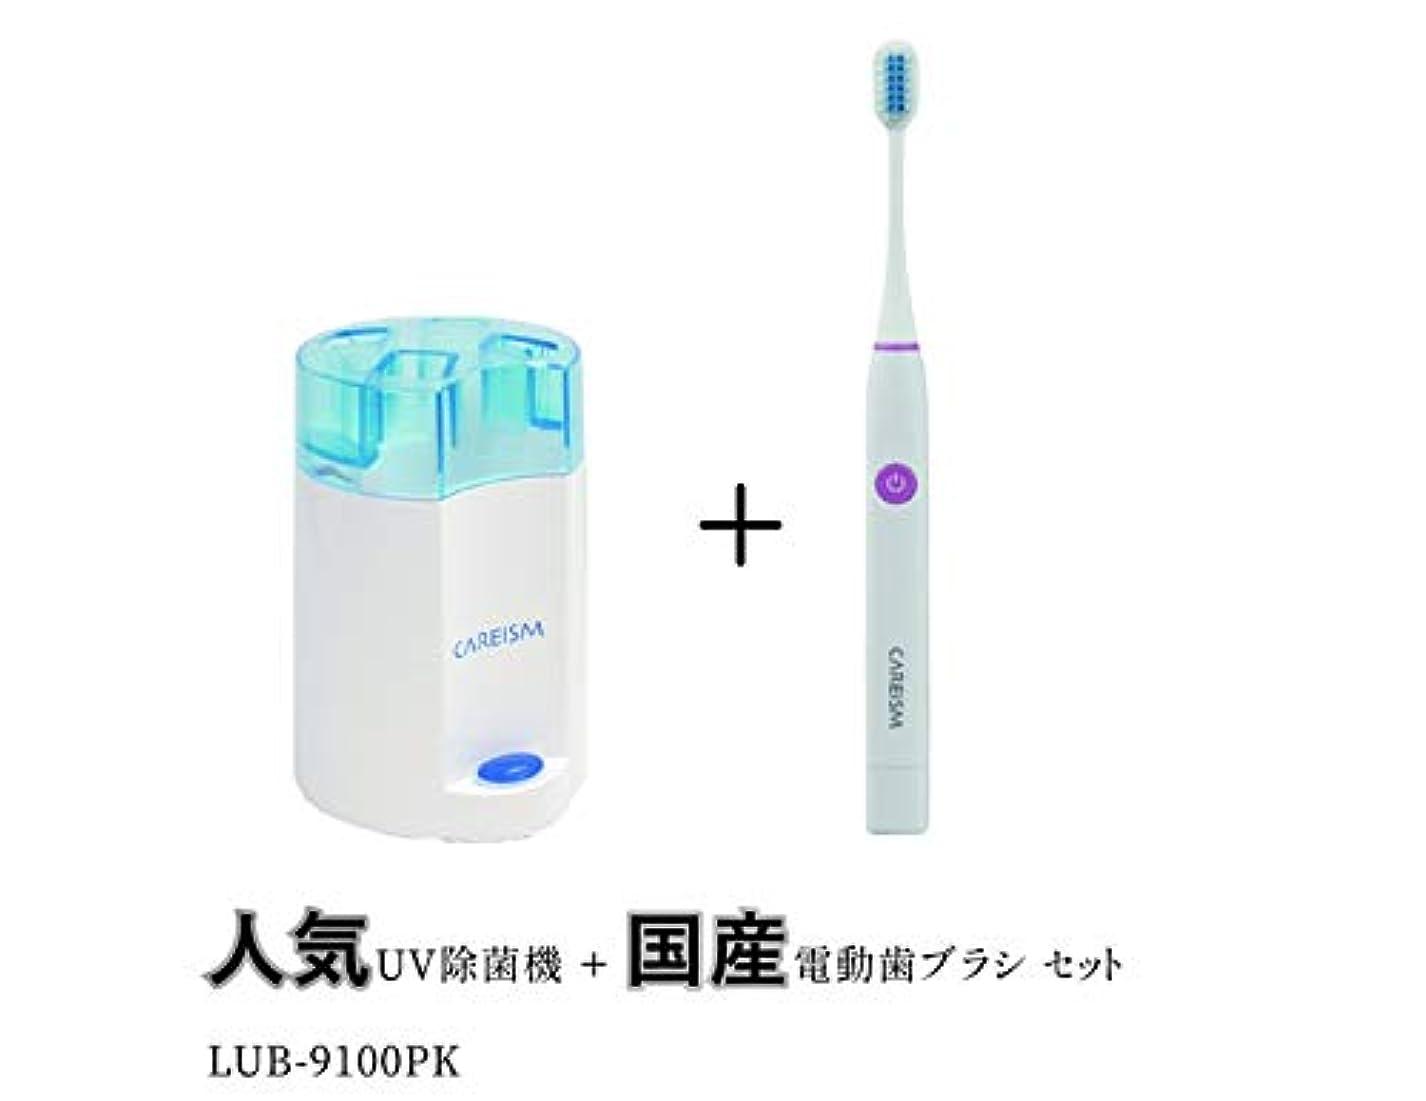 アラスカ一般的に言えばポーチケアイズム LUB9100 人気 UV除菌機 + 国産 電動歯ブラシ セット (100ピンク)